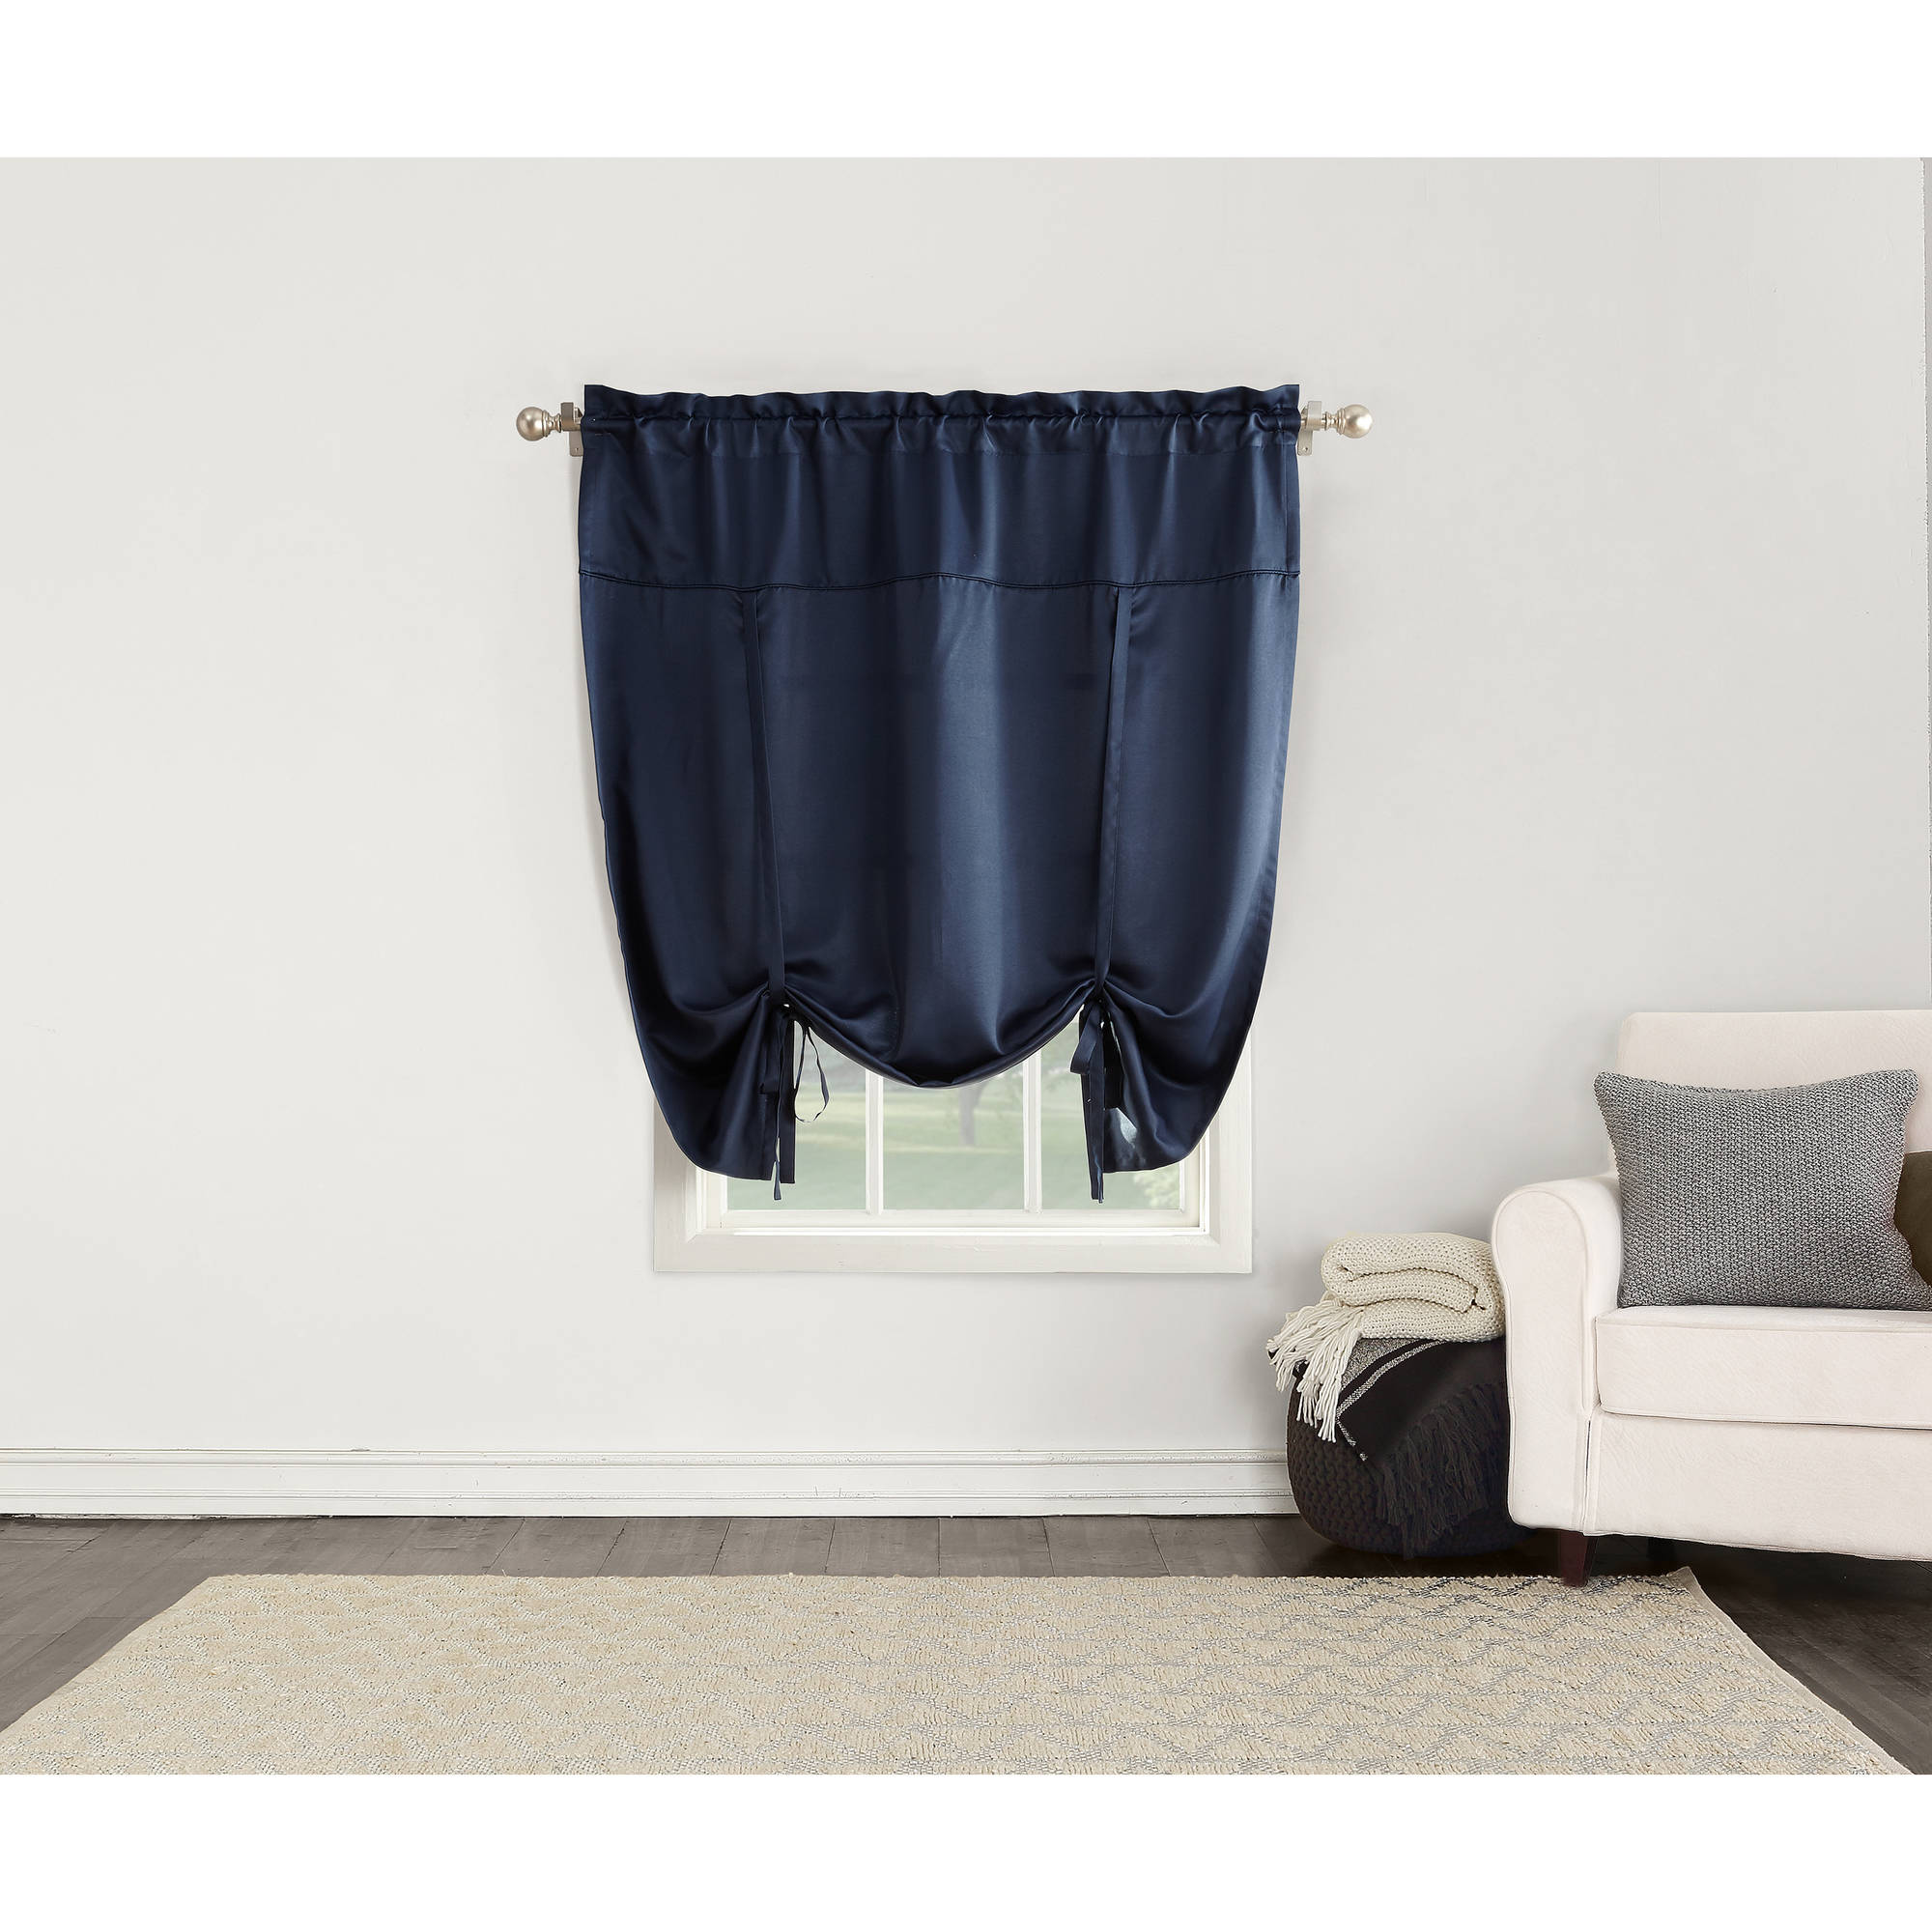 Sun Zero Bartlett Room-Darkening Tie-Up Window Shade